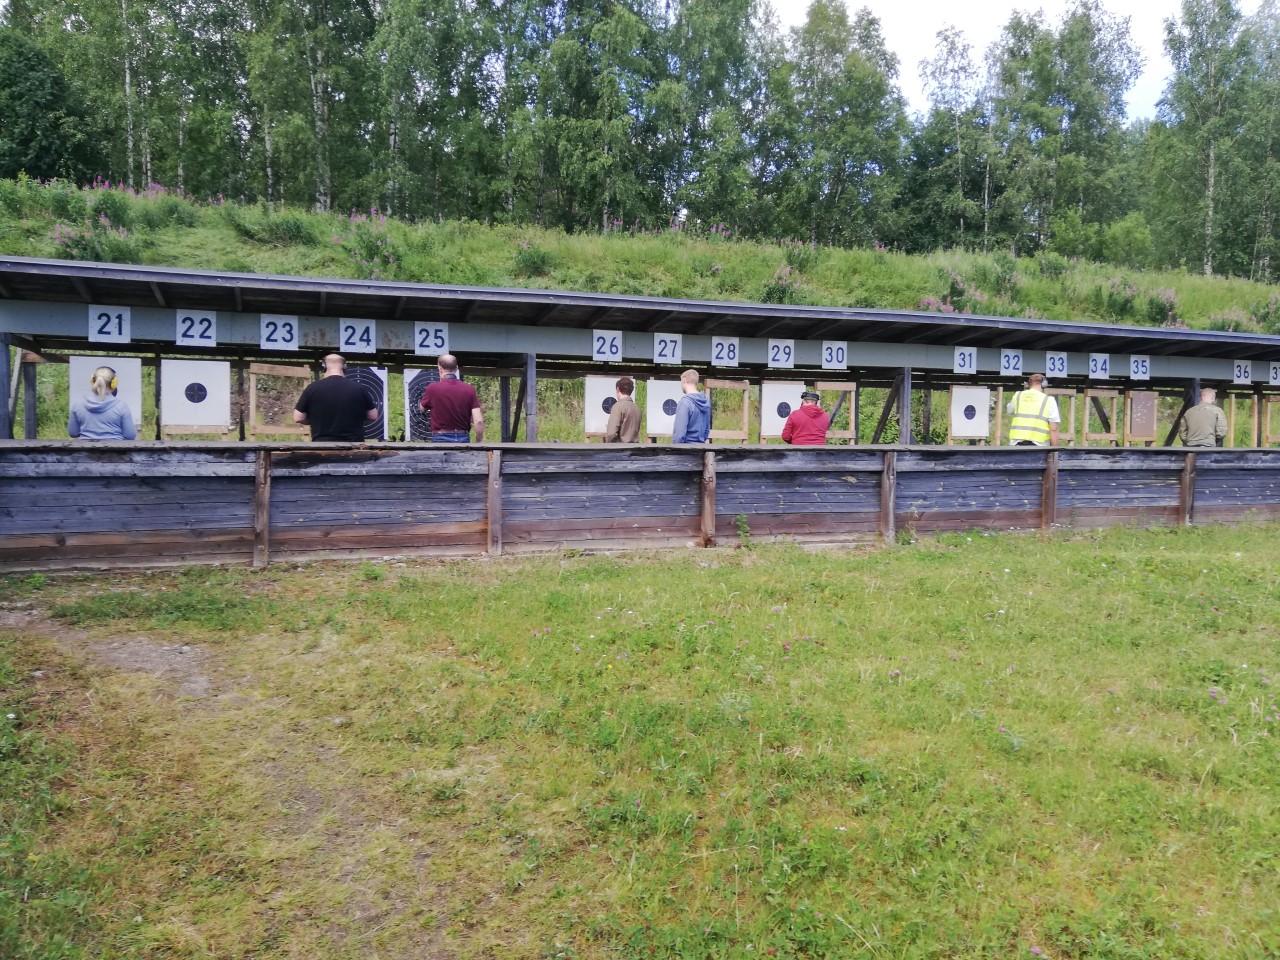 Tampereen urheiluampujat